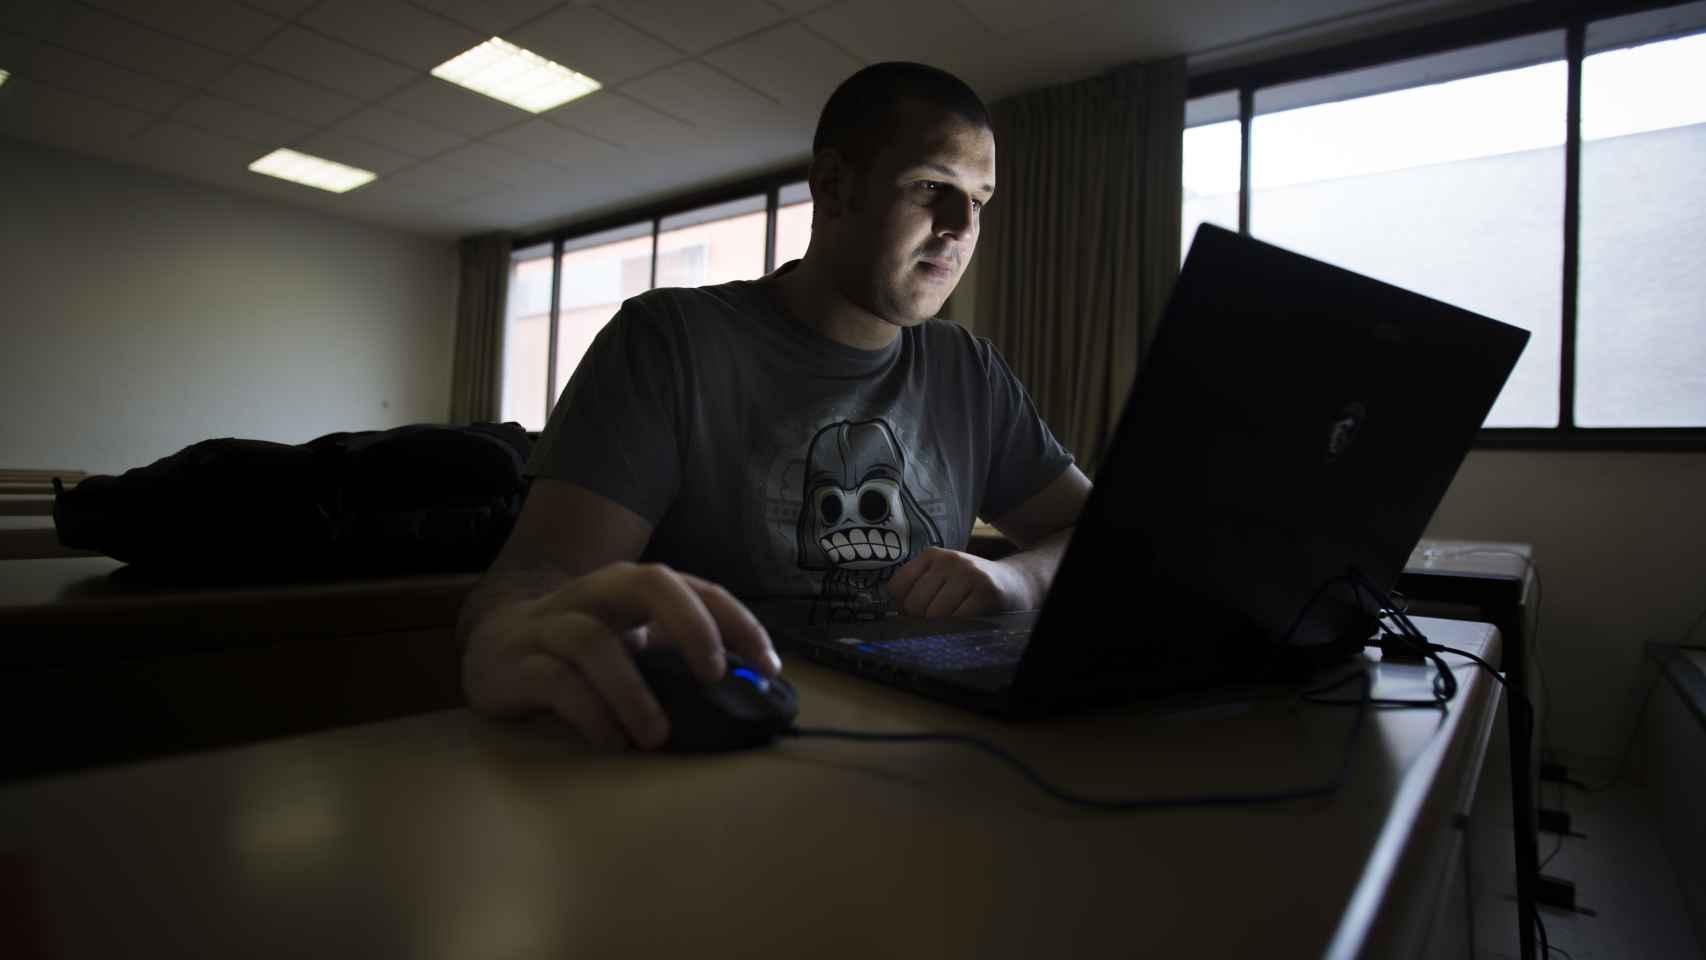 Francisco José Ramírez López, experto hacker en dispositivos móviles